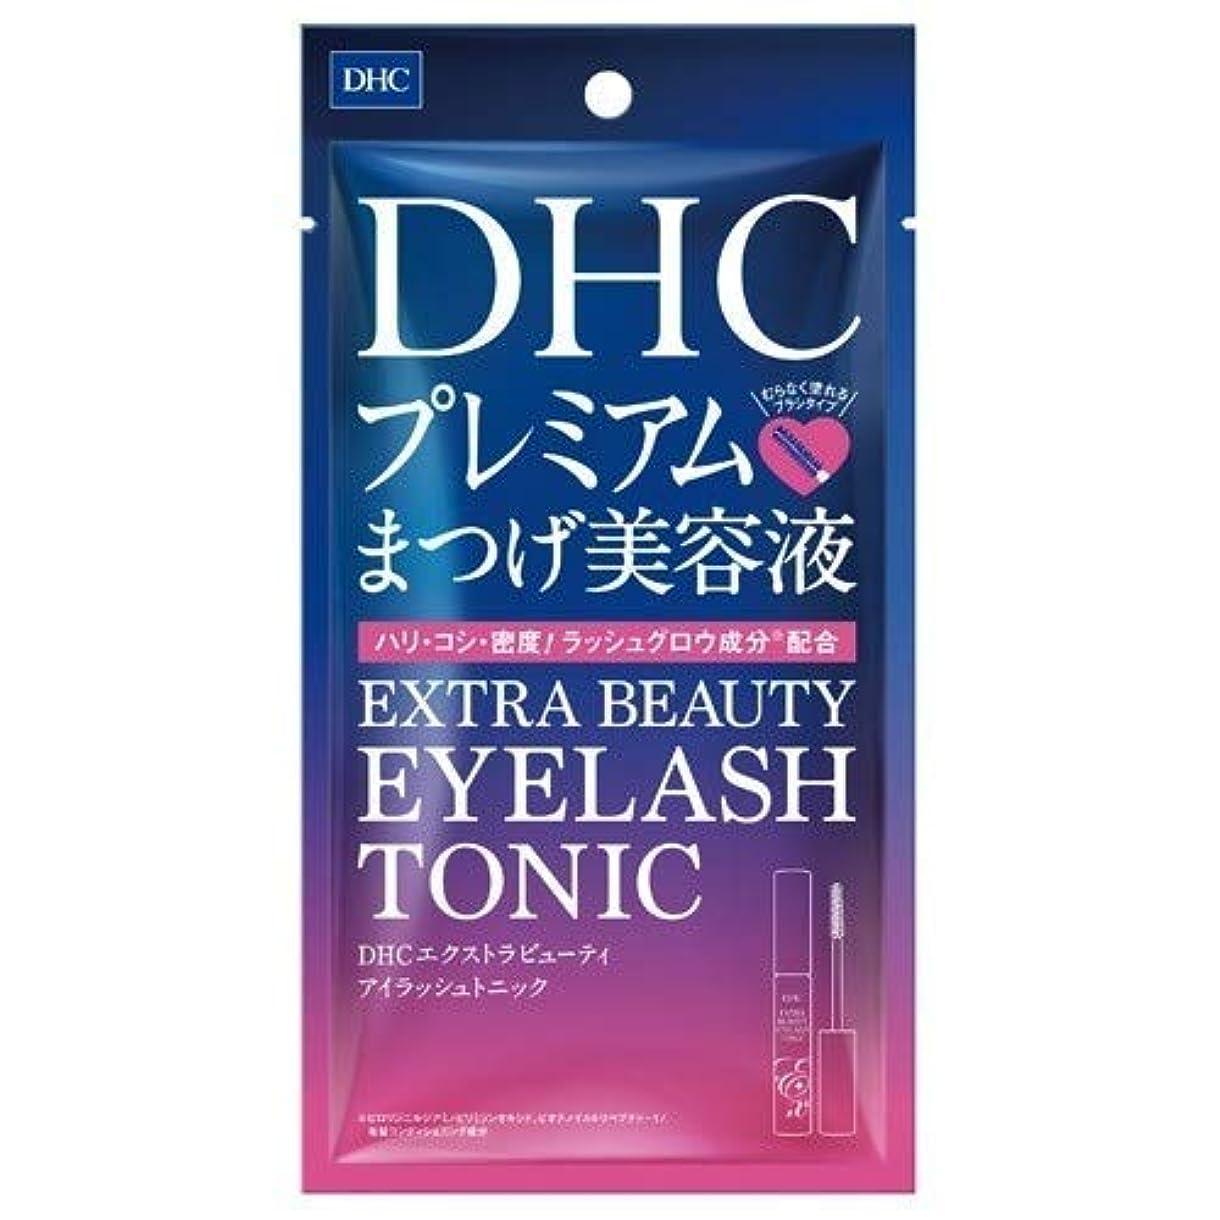 明確にそれにもかかわらず今までDHC エクストラビューティアイラッシュトニック 6.5ml × 24個セット